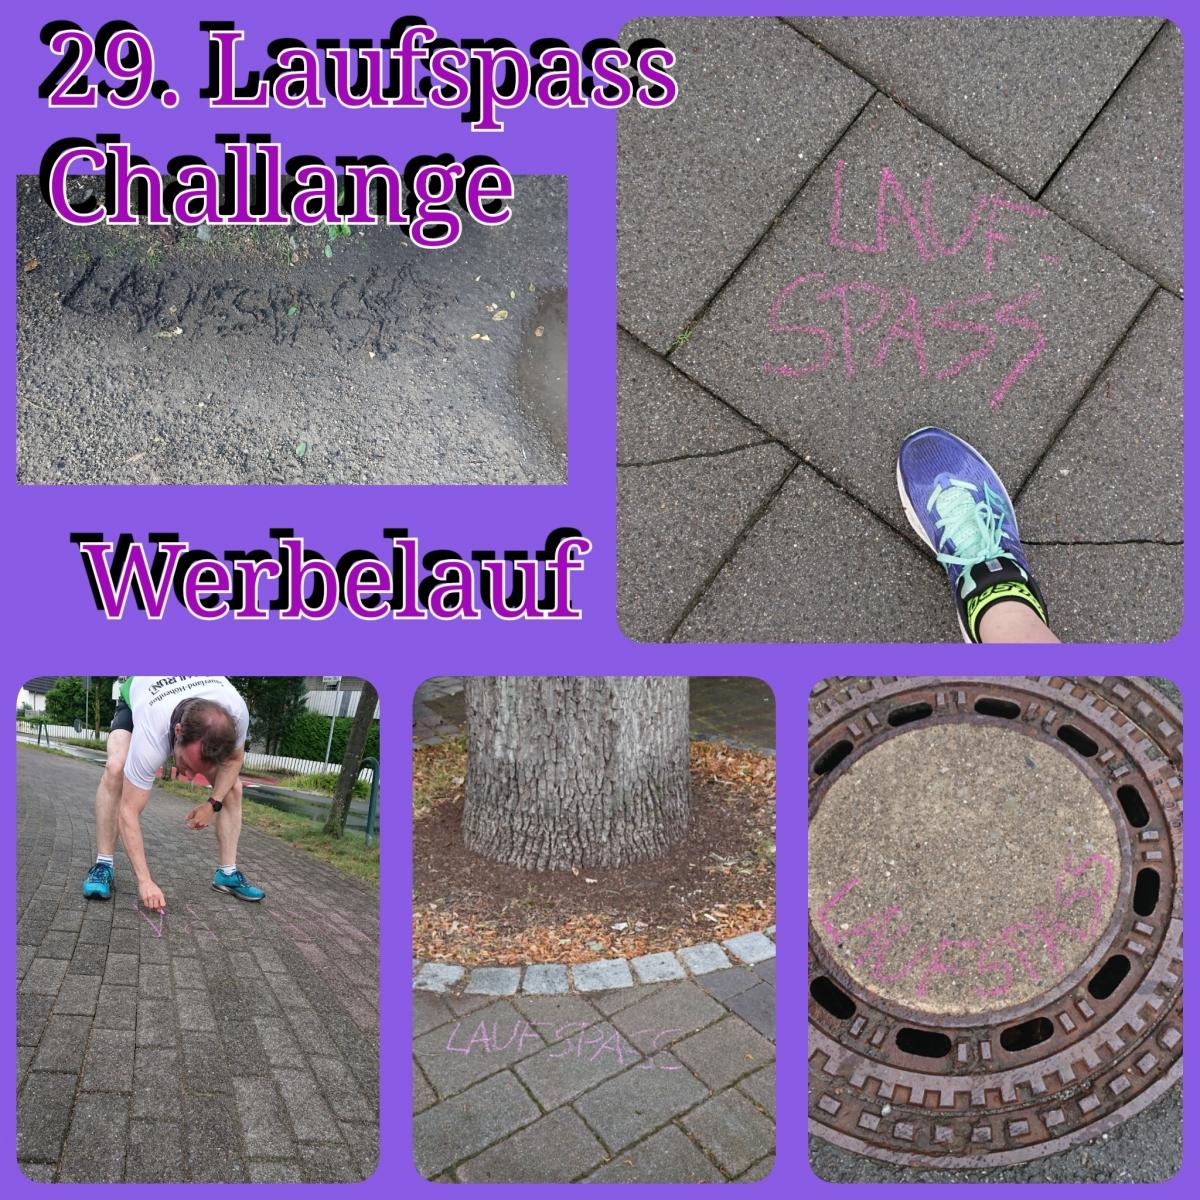 Zipter-Kristina-29-Challenge-Werbelauf-0qdmI